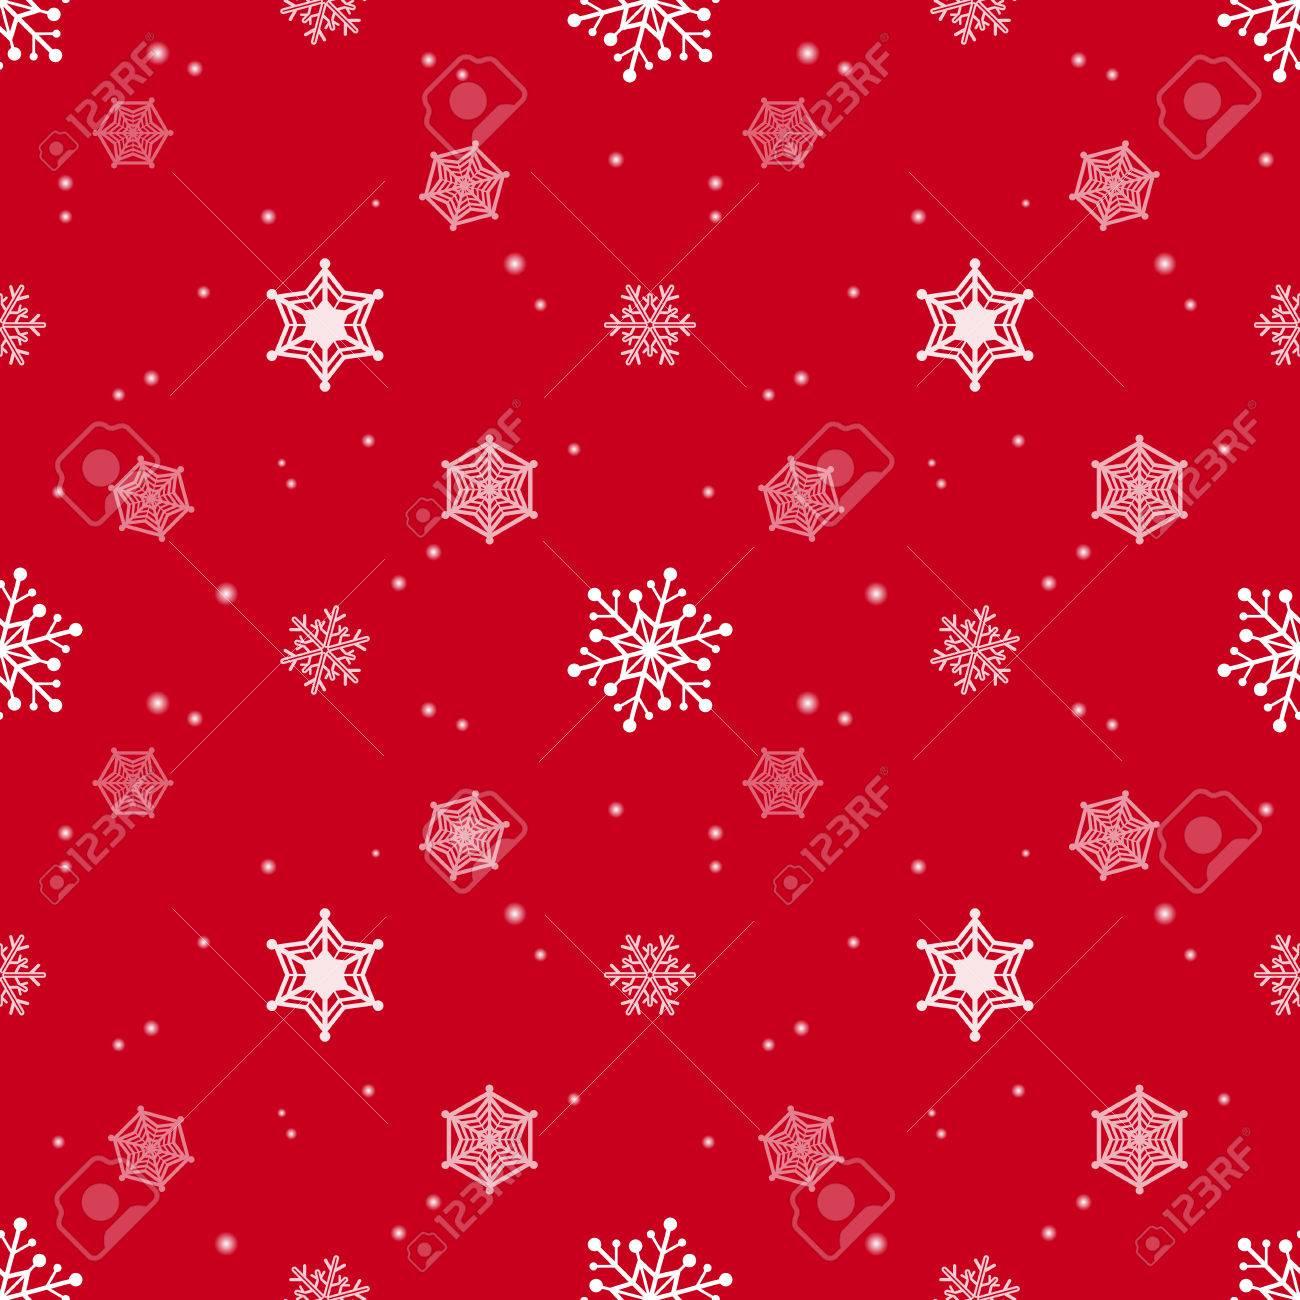 Schneeflocke Rote Farbe Hintergrund, Tapeten Weihnachten Muster ...